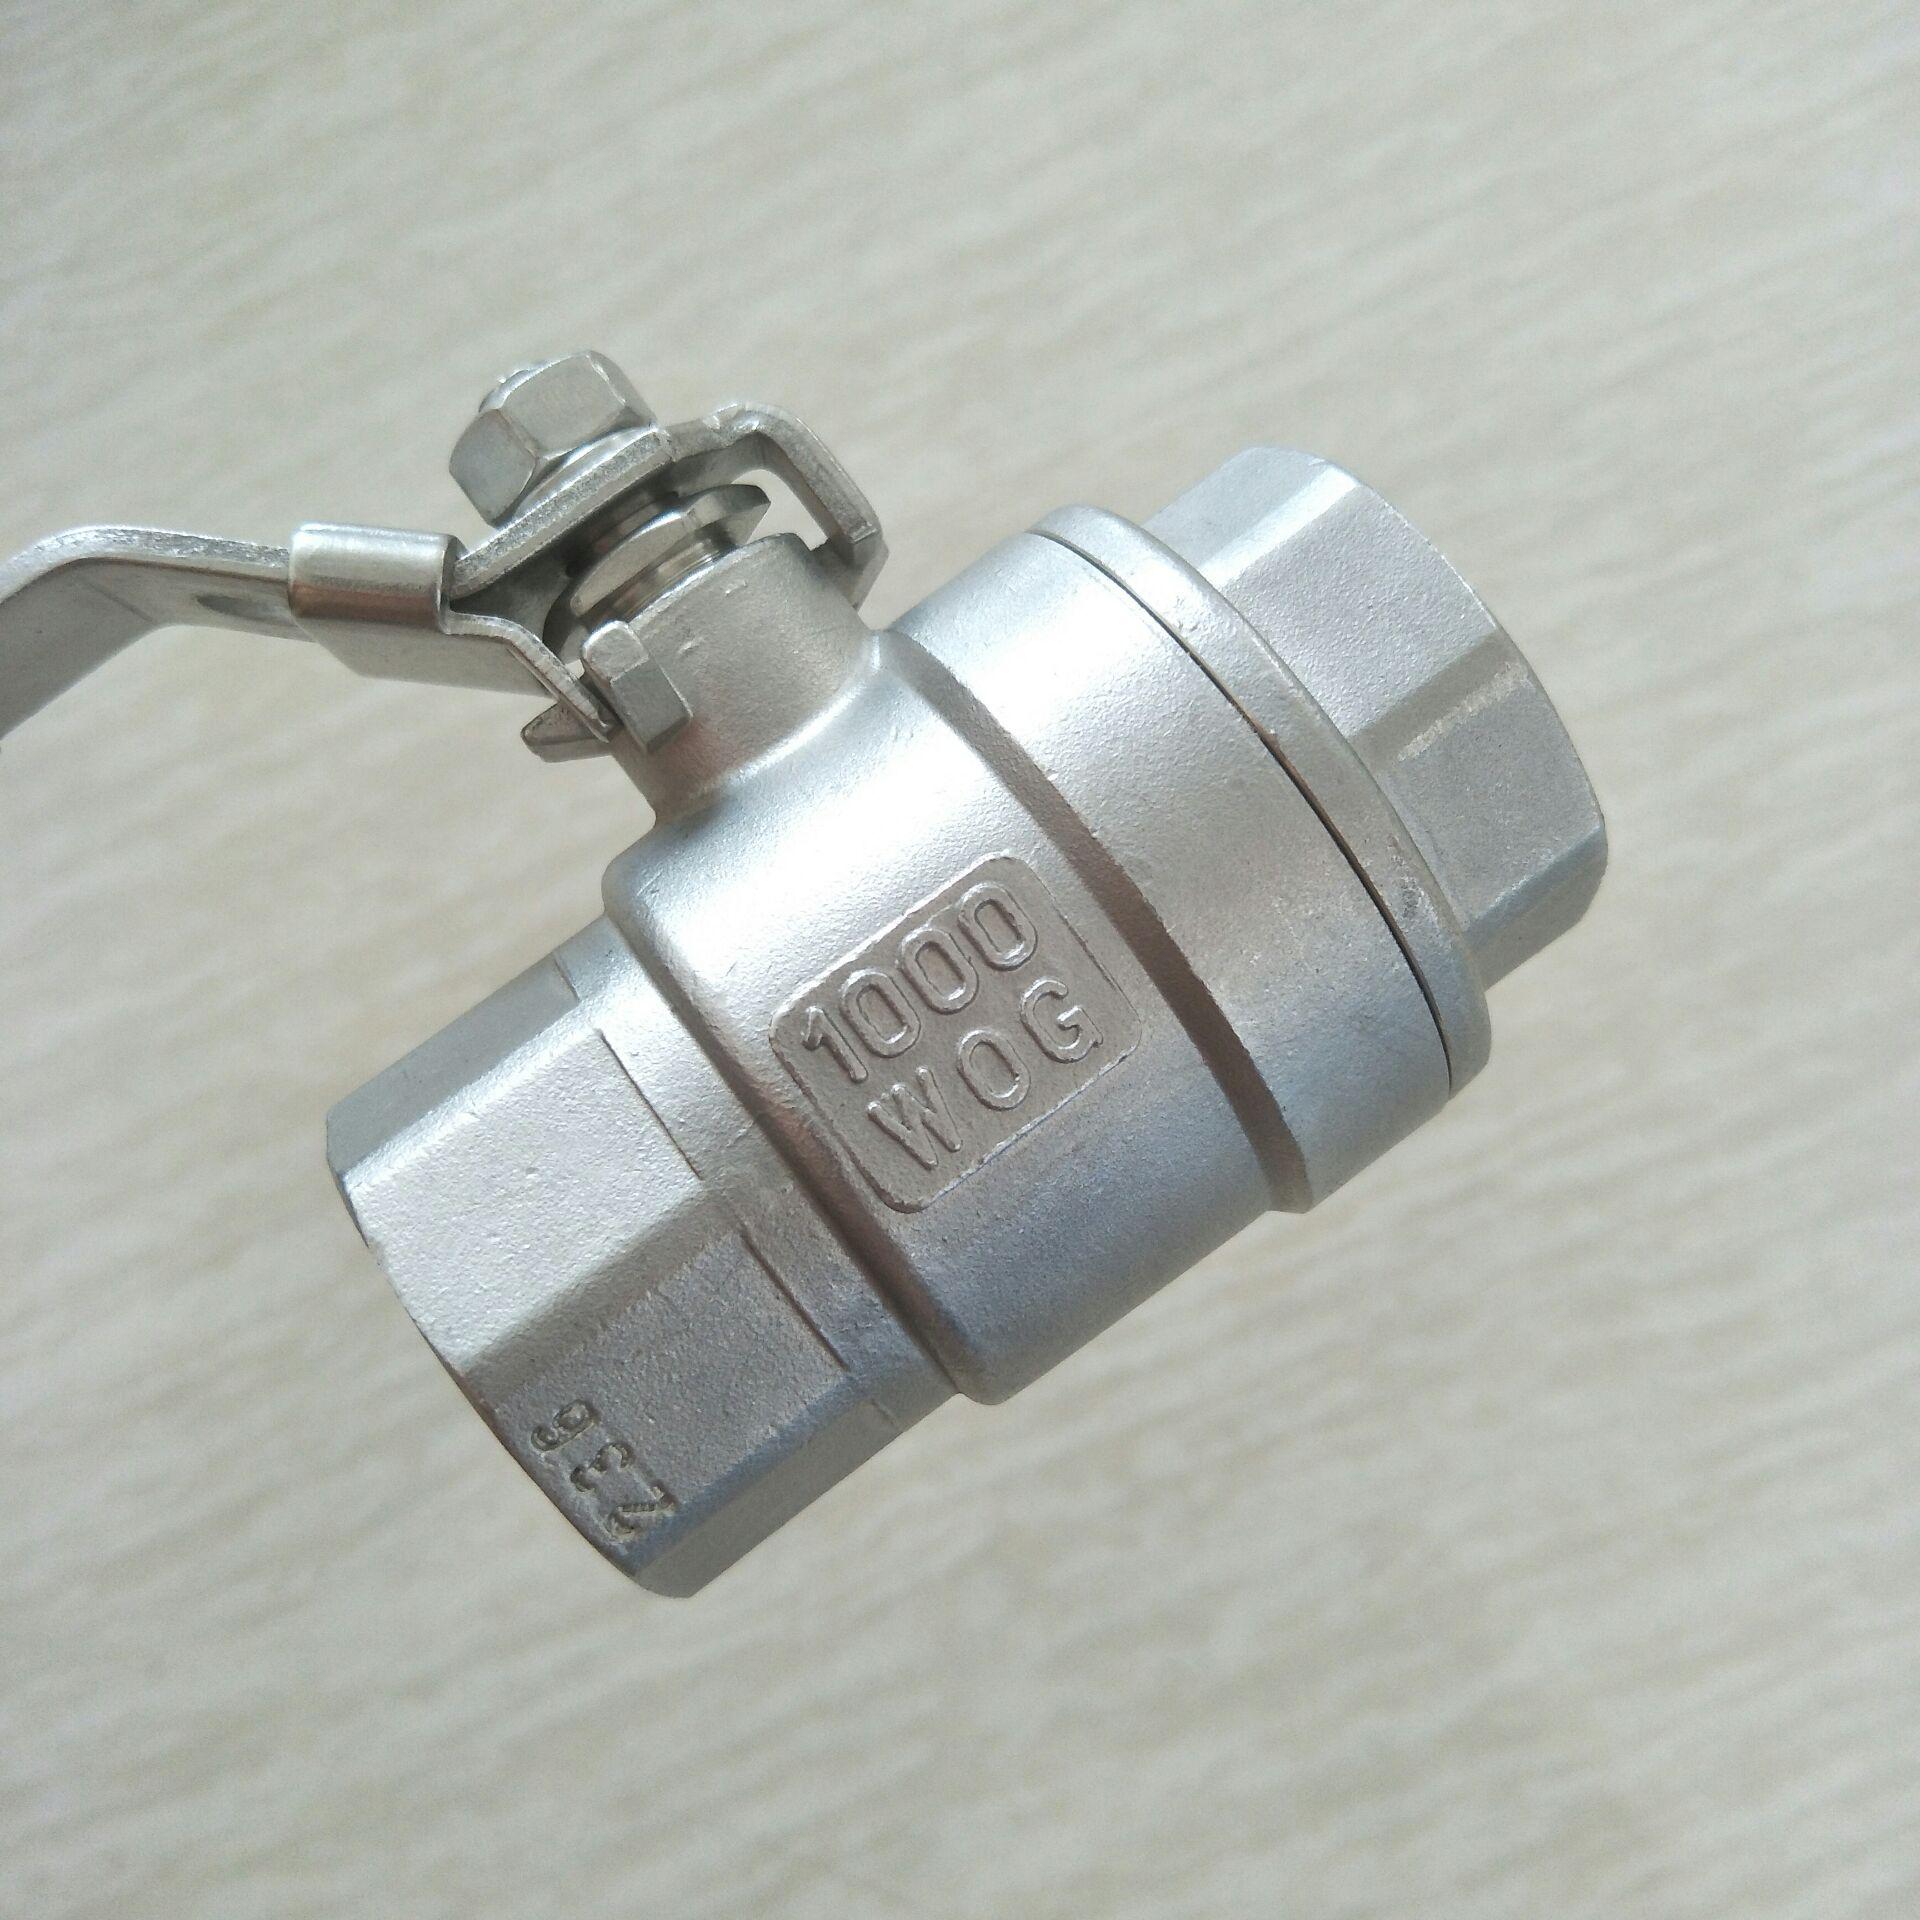 二片式不锈钢球阀DN25  2PC 球阀 1寸810950332